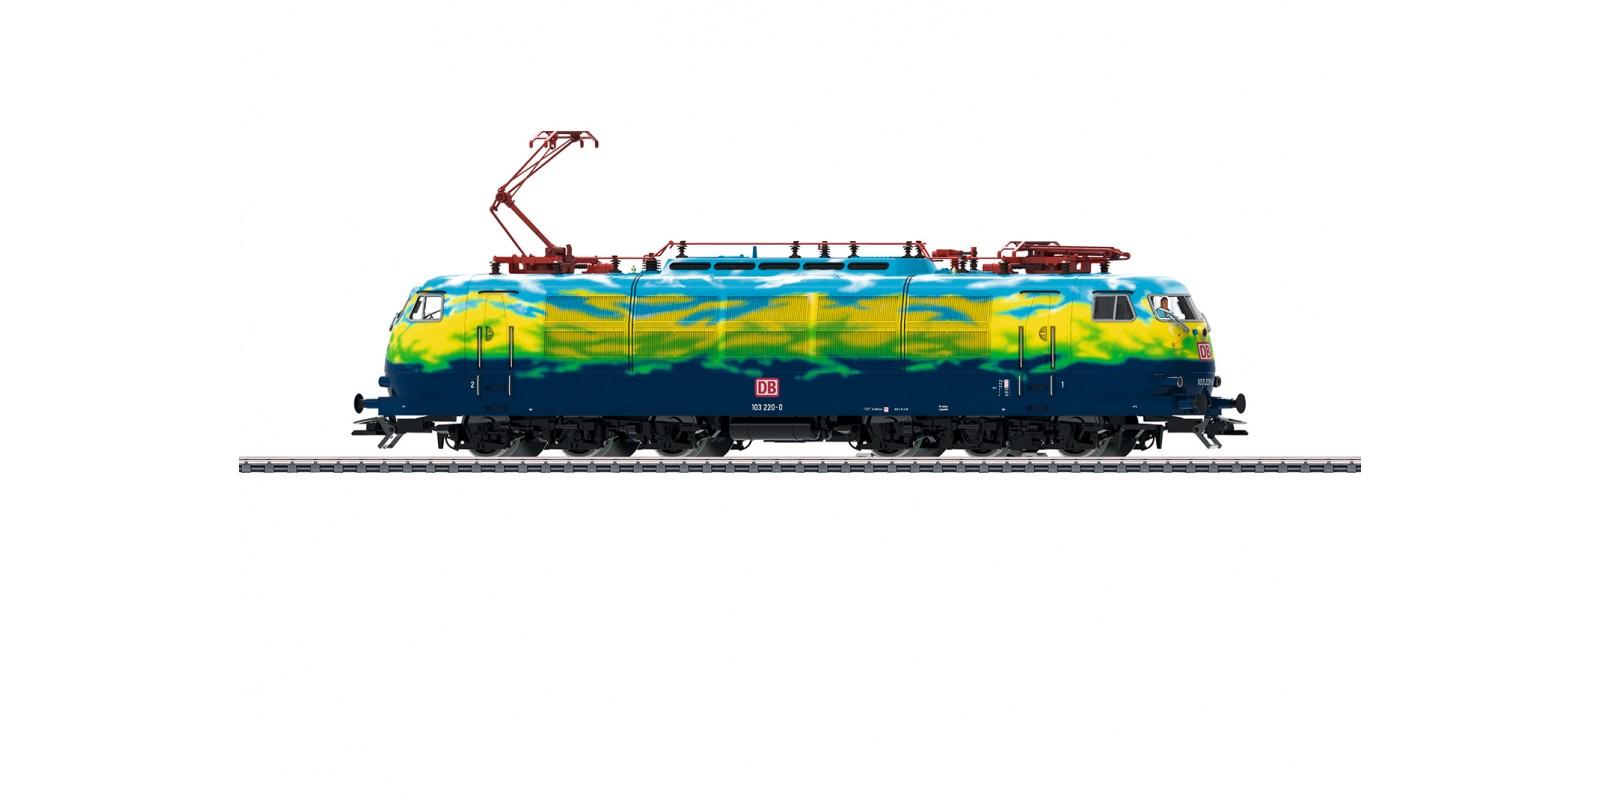 39171 Class 103.1 Electric Locomotive